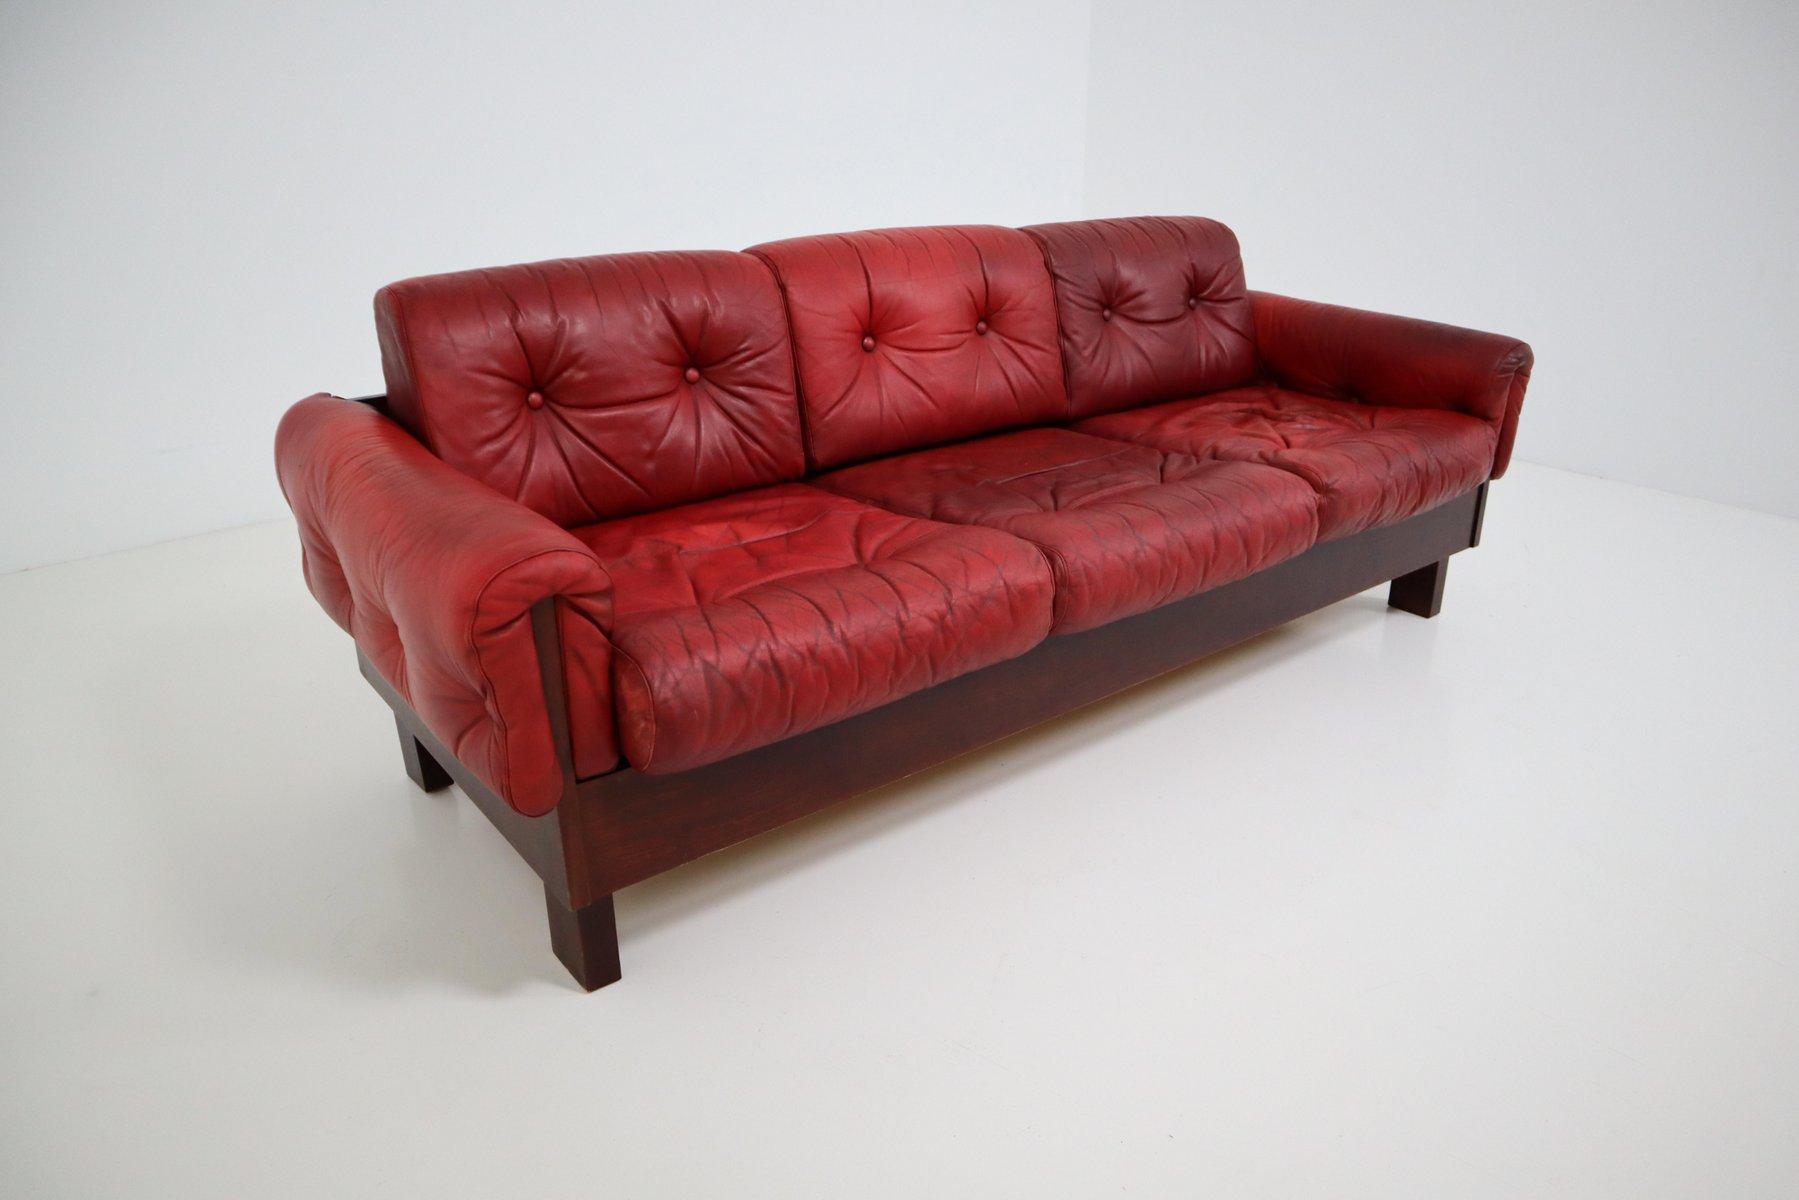 Divano a tre posti in pelle rossa anni 39 70 in vendita su for Divano tre posti